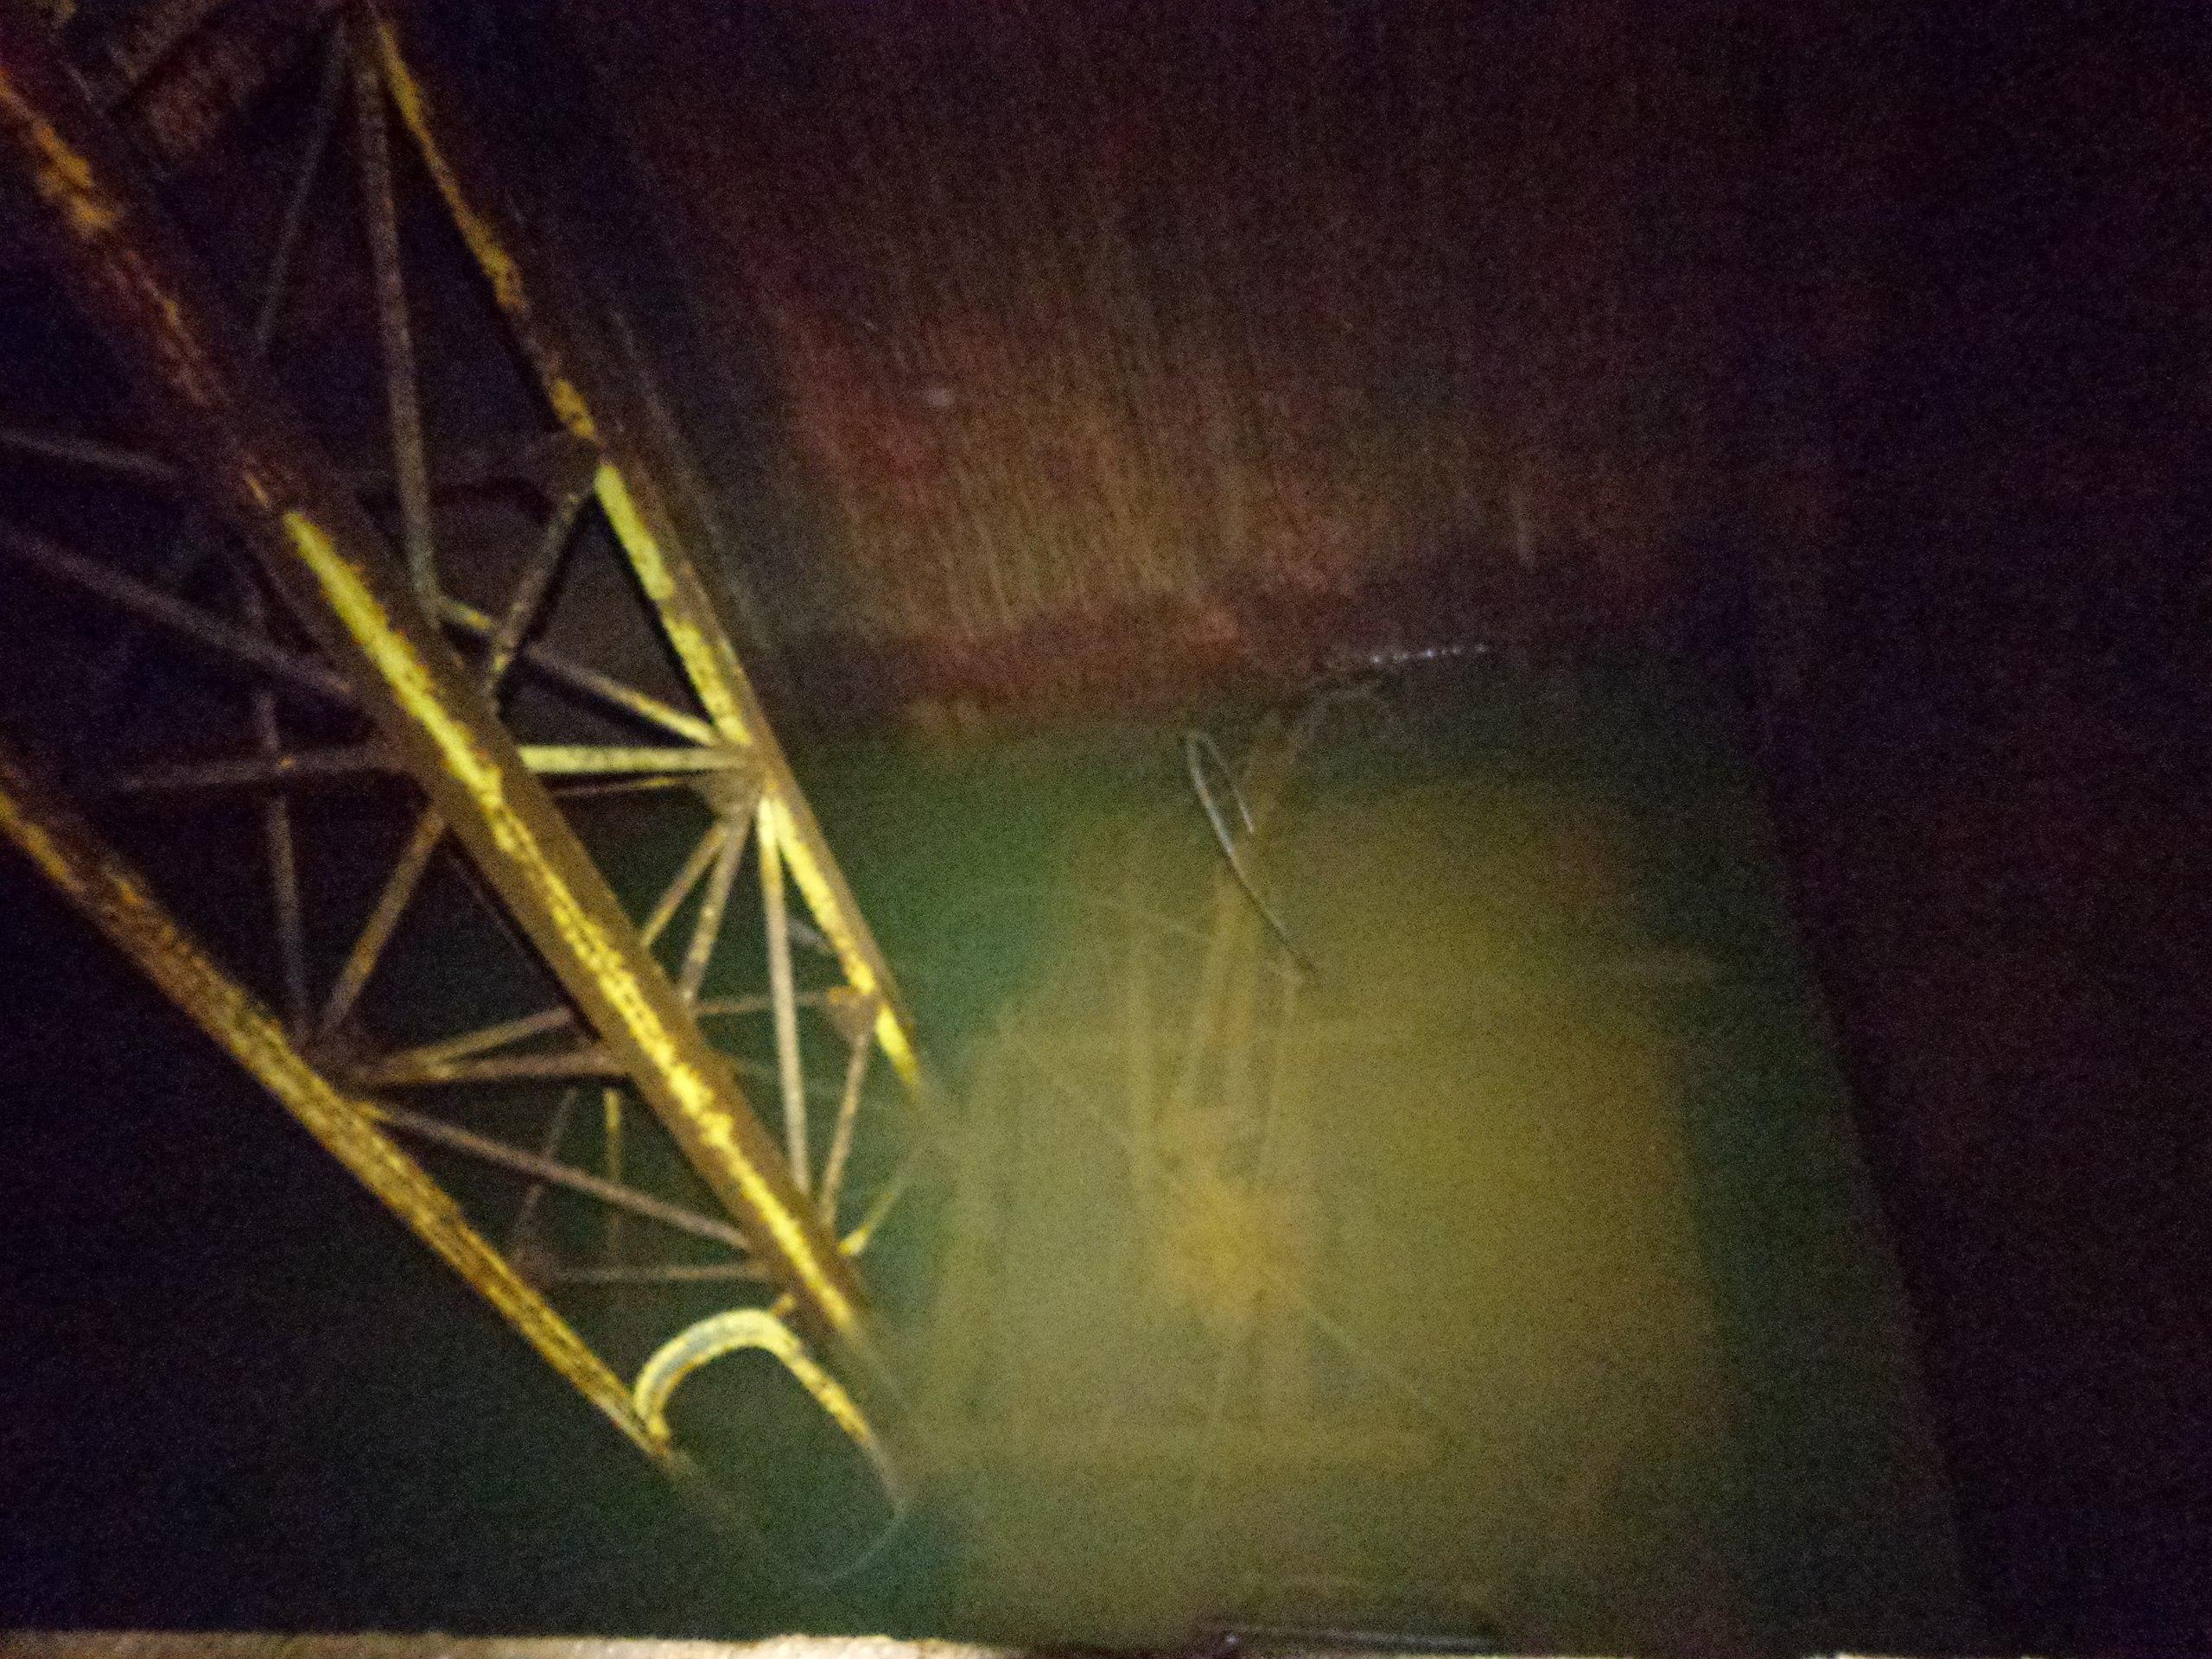 шахта 8 этаж